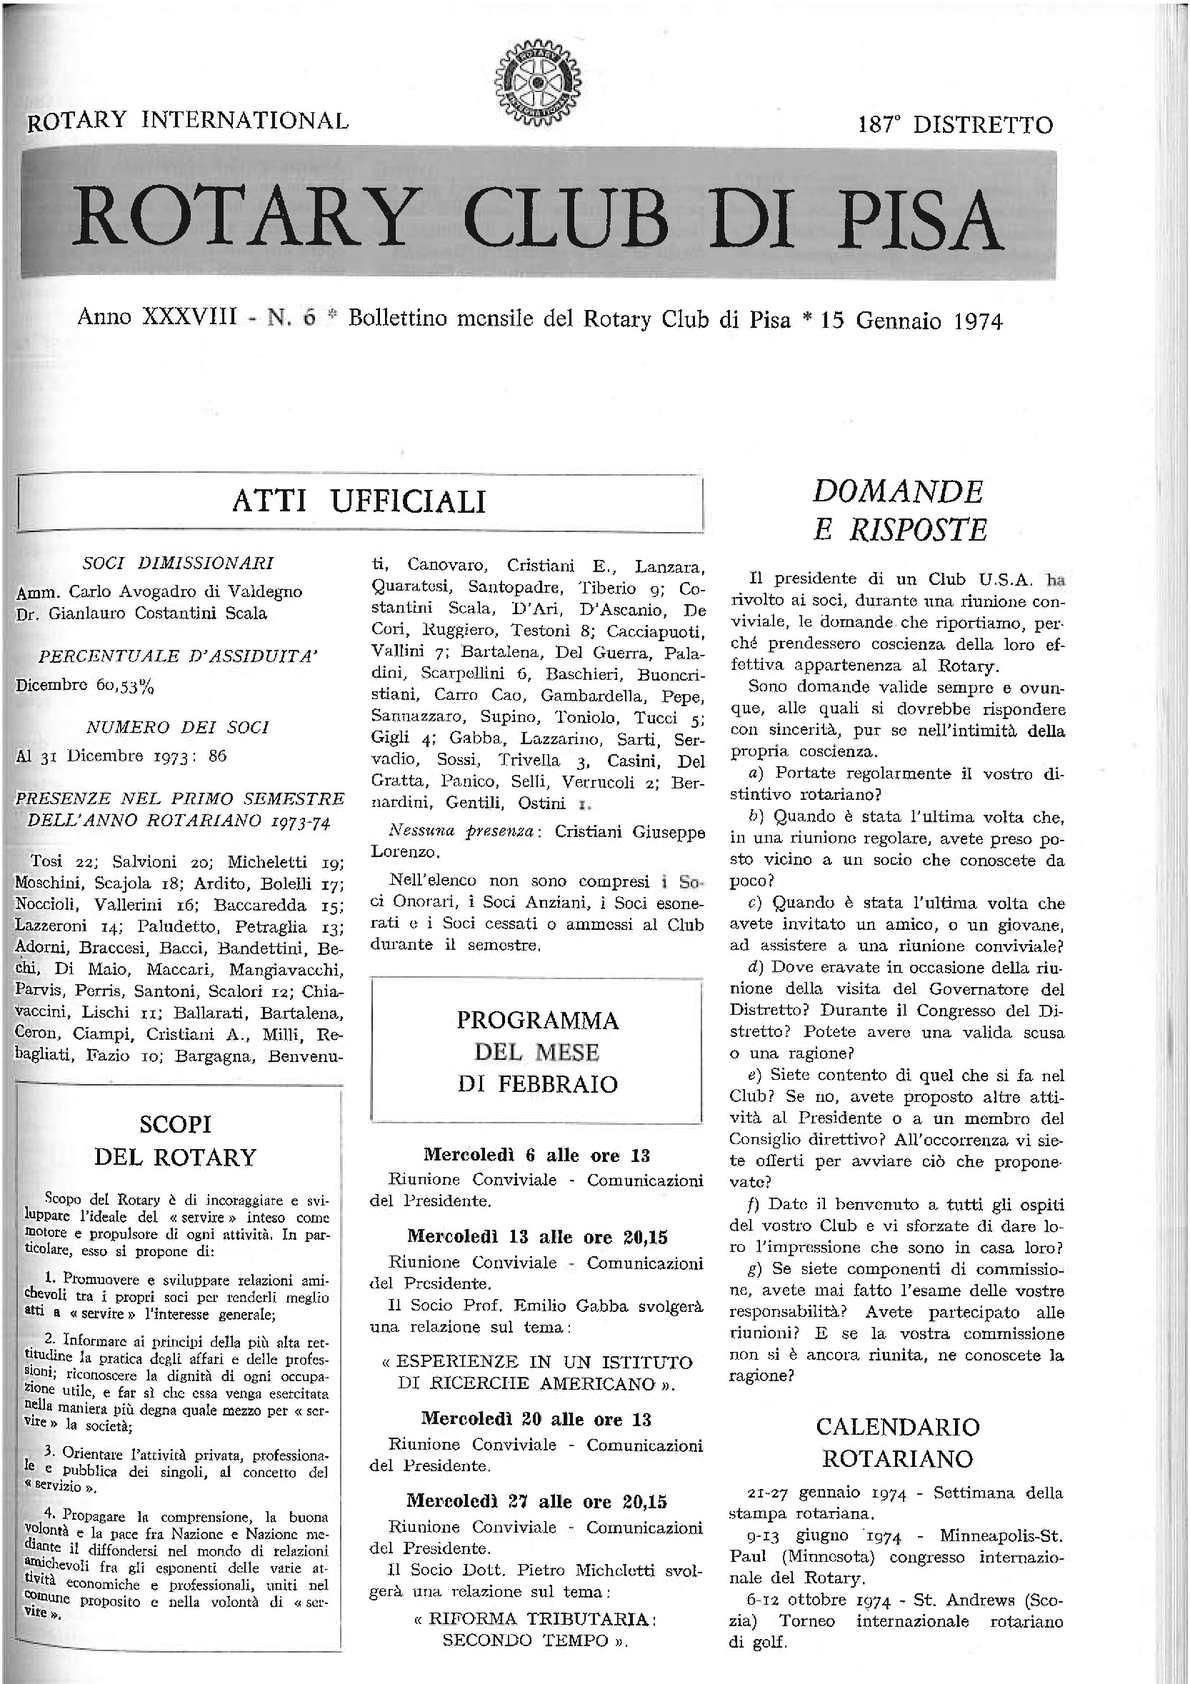 Calendario 1974.Calameo Gennaio 1974